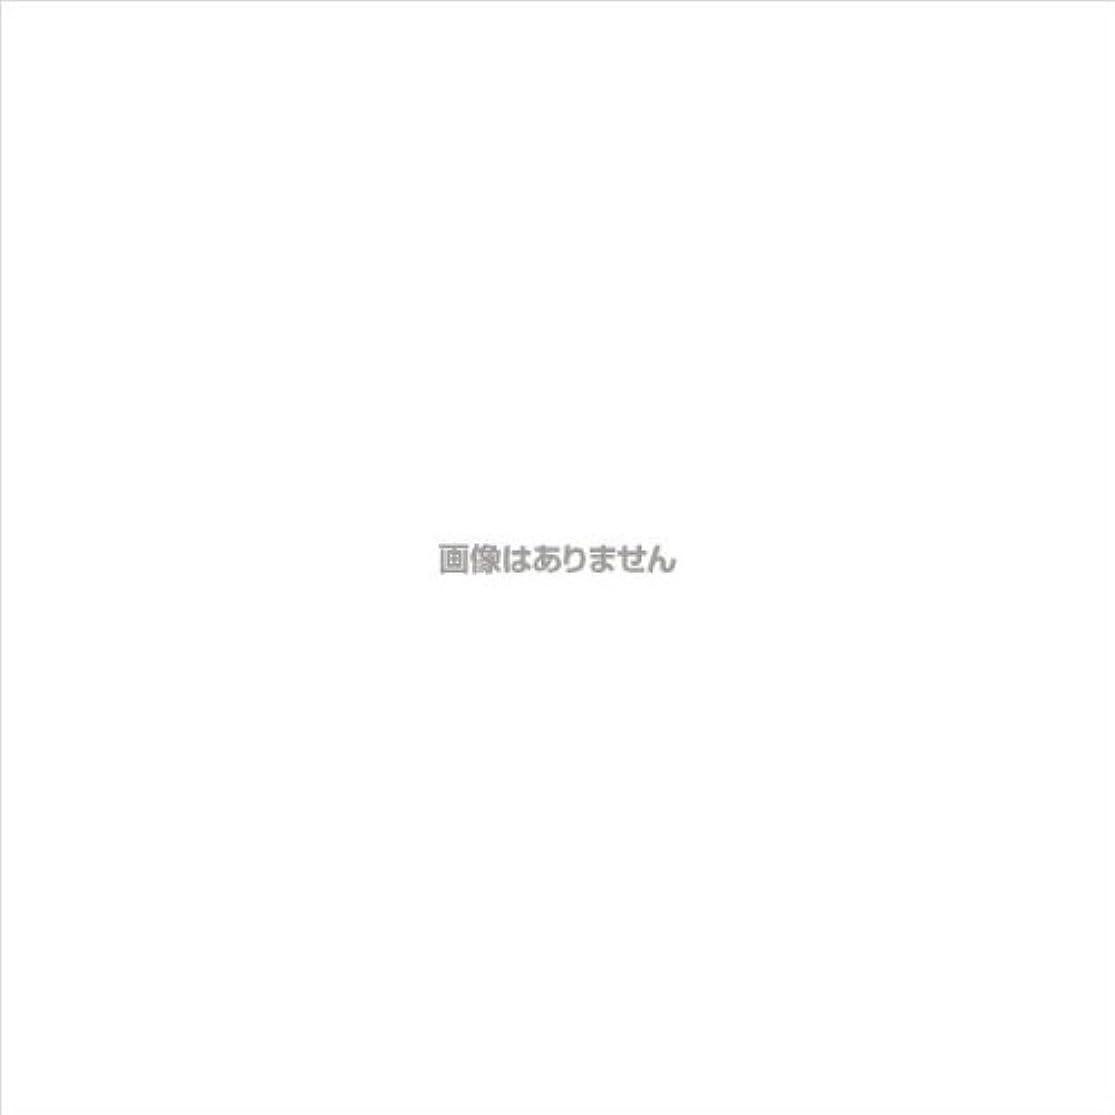 靴センチメンタルヘッドレスニトリルNEOプラス パウダーフリー / 574 L ホワイト 100枚入 ケース(20箱入)